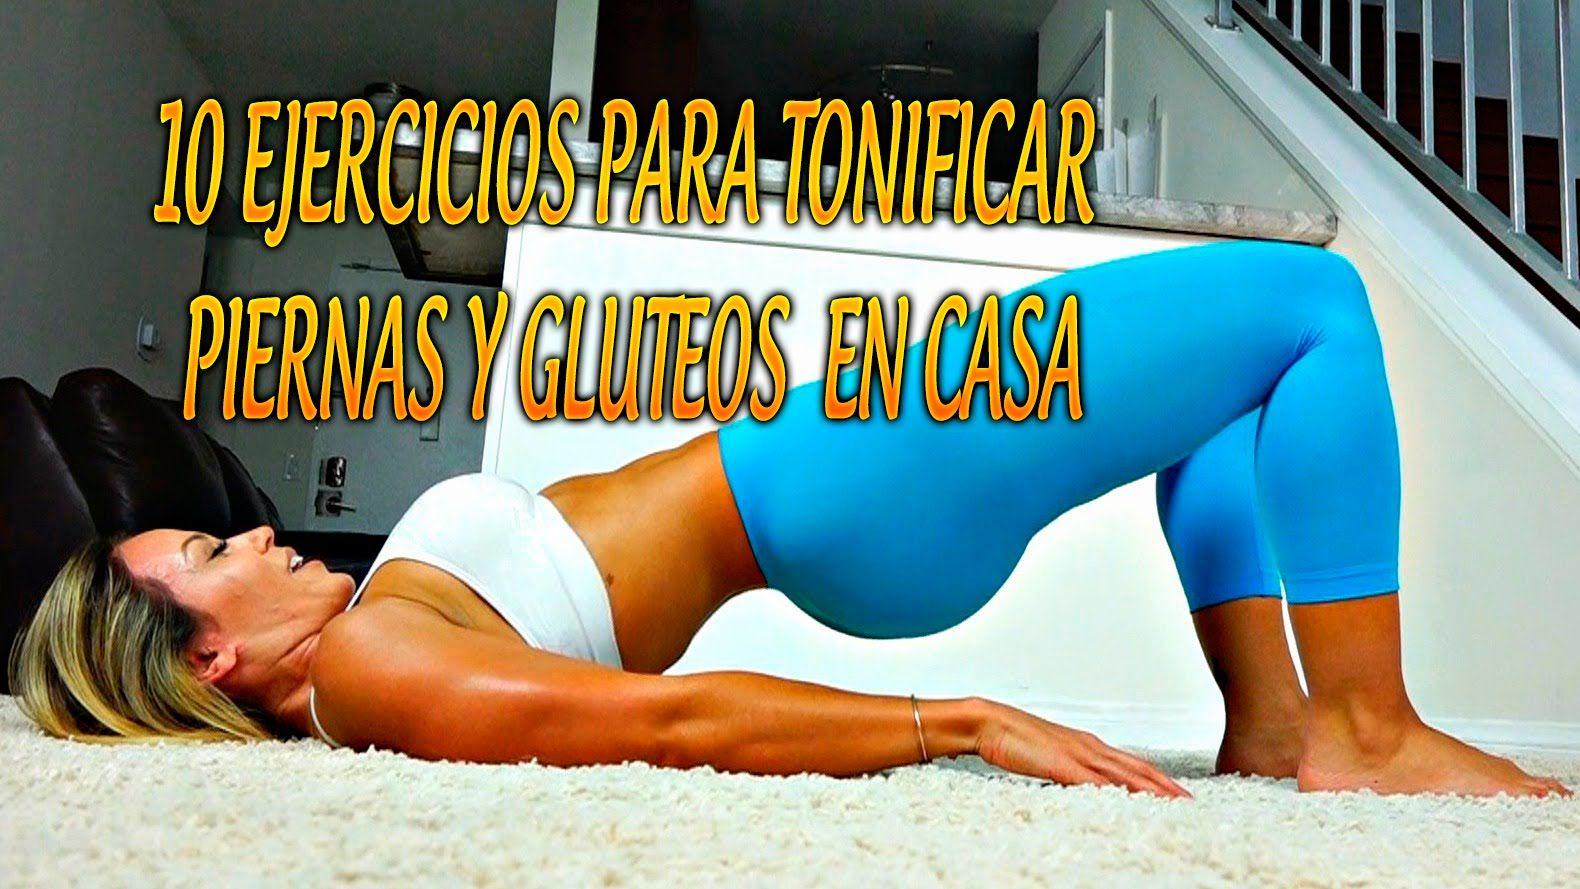 10 ejercicios para tonificar piernas y gluteos para mujeres en casa fitness pinterest - Barras de ejercicio para casa ...